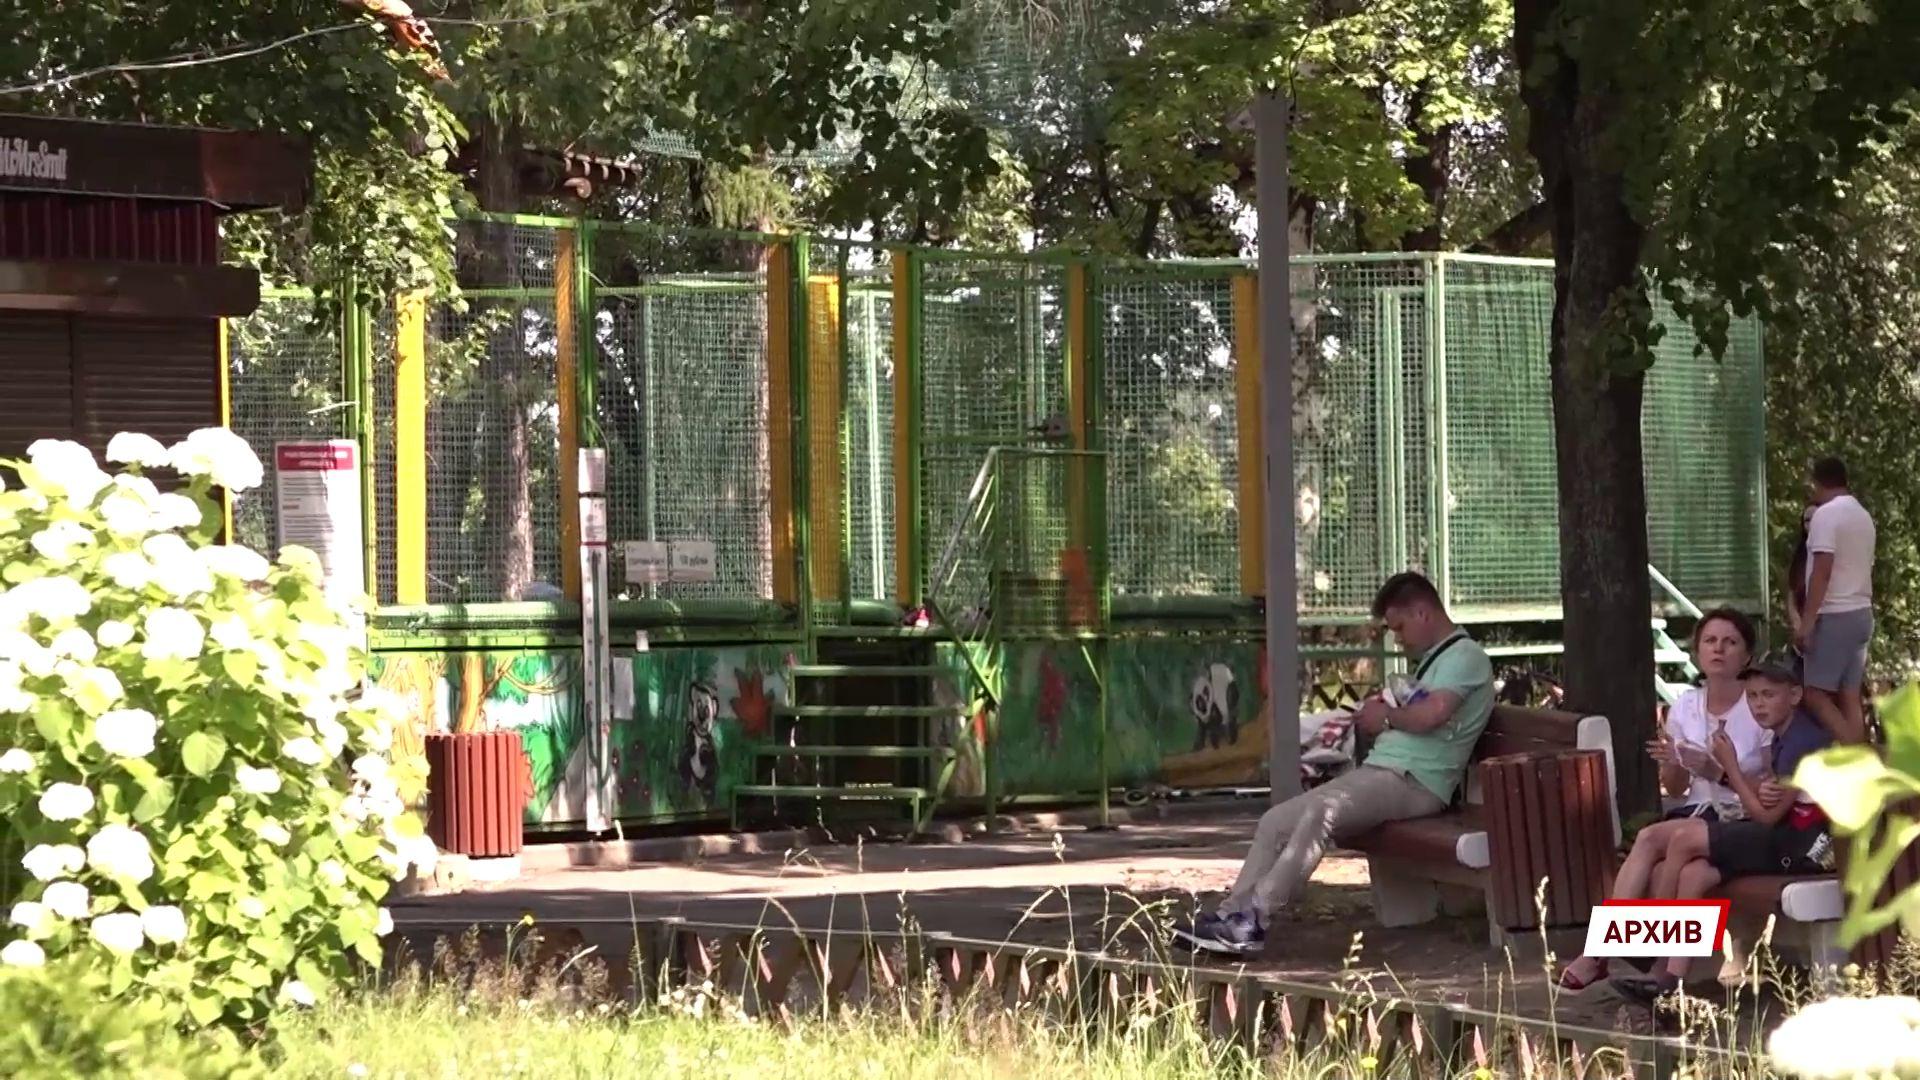 Ярославская область переходит к третьему этапу снятия ограничений